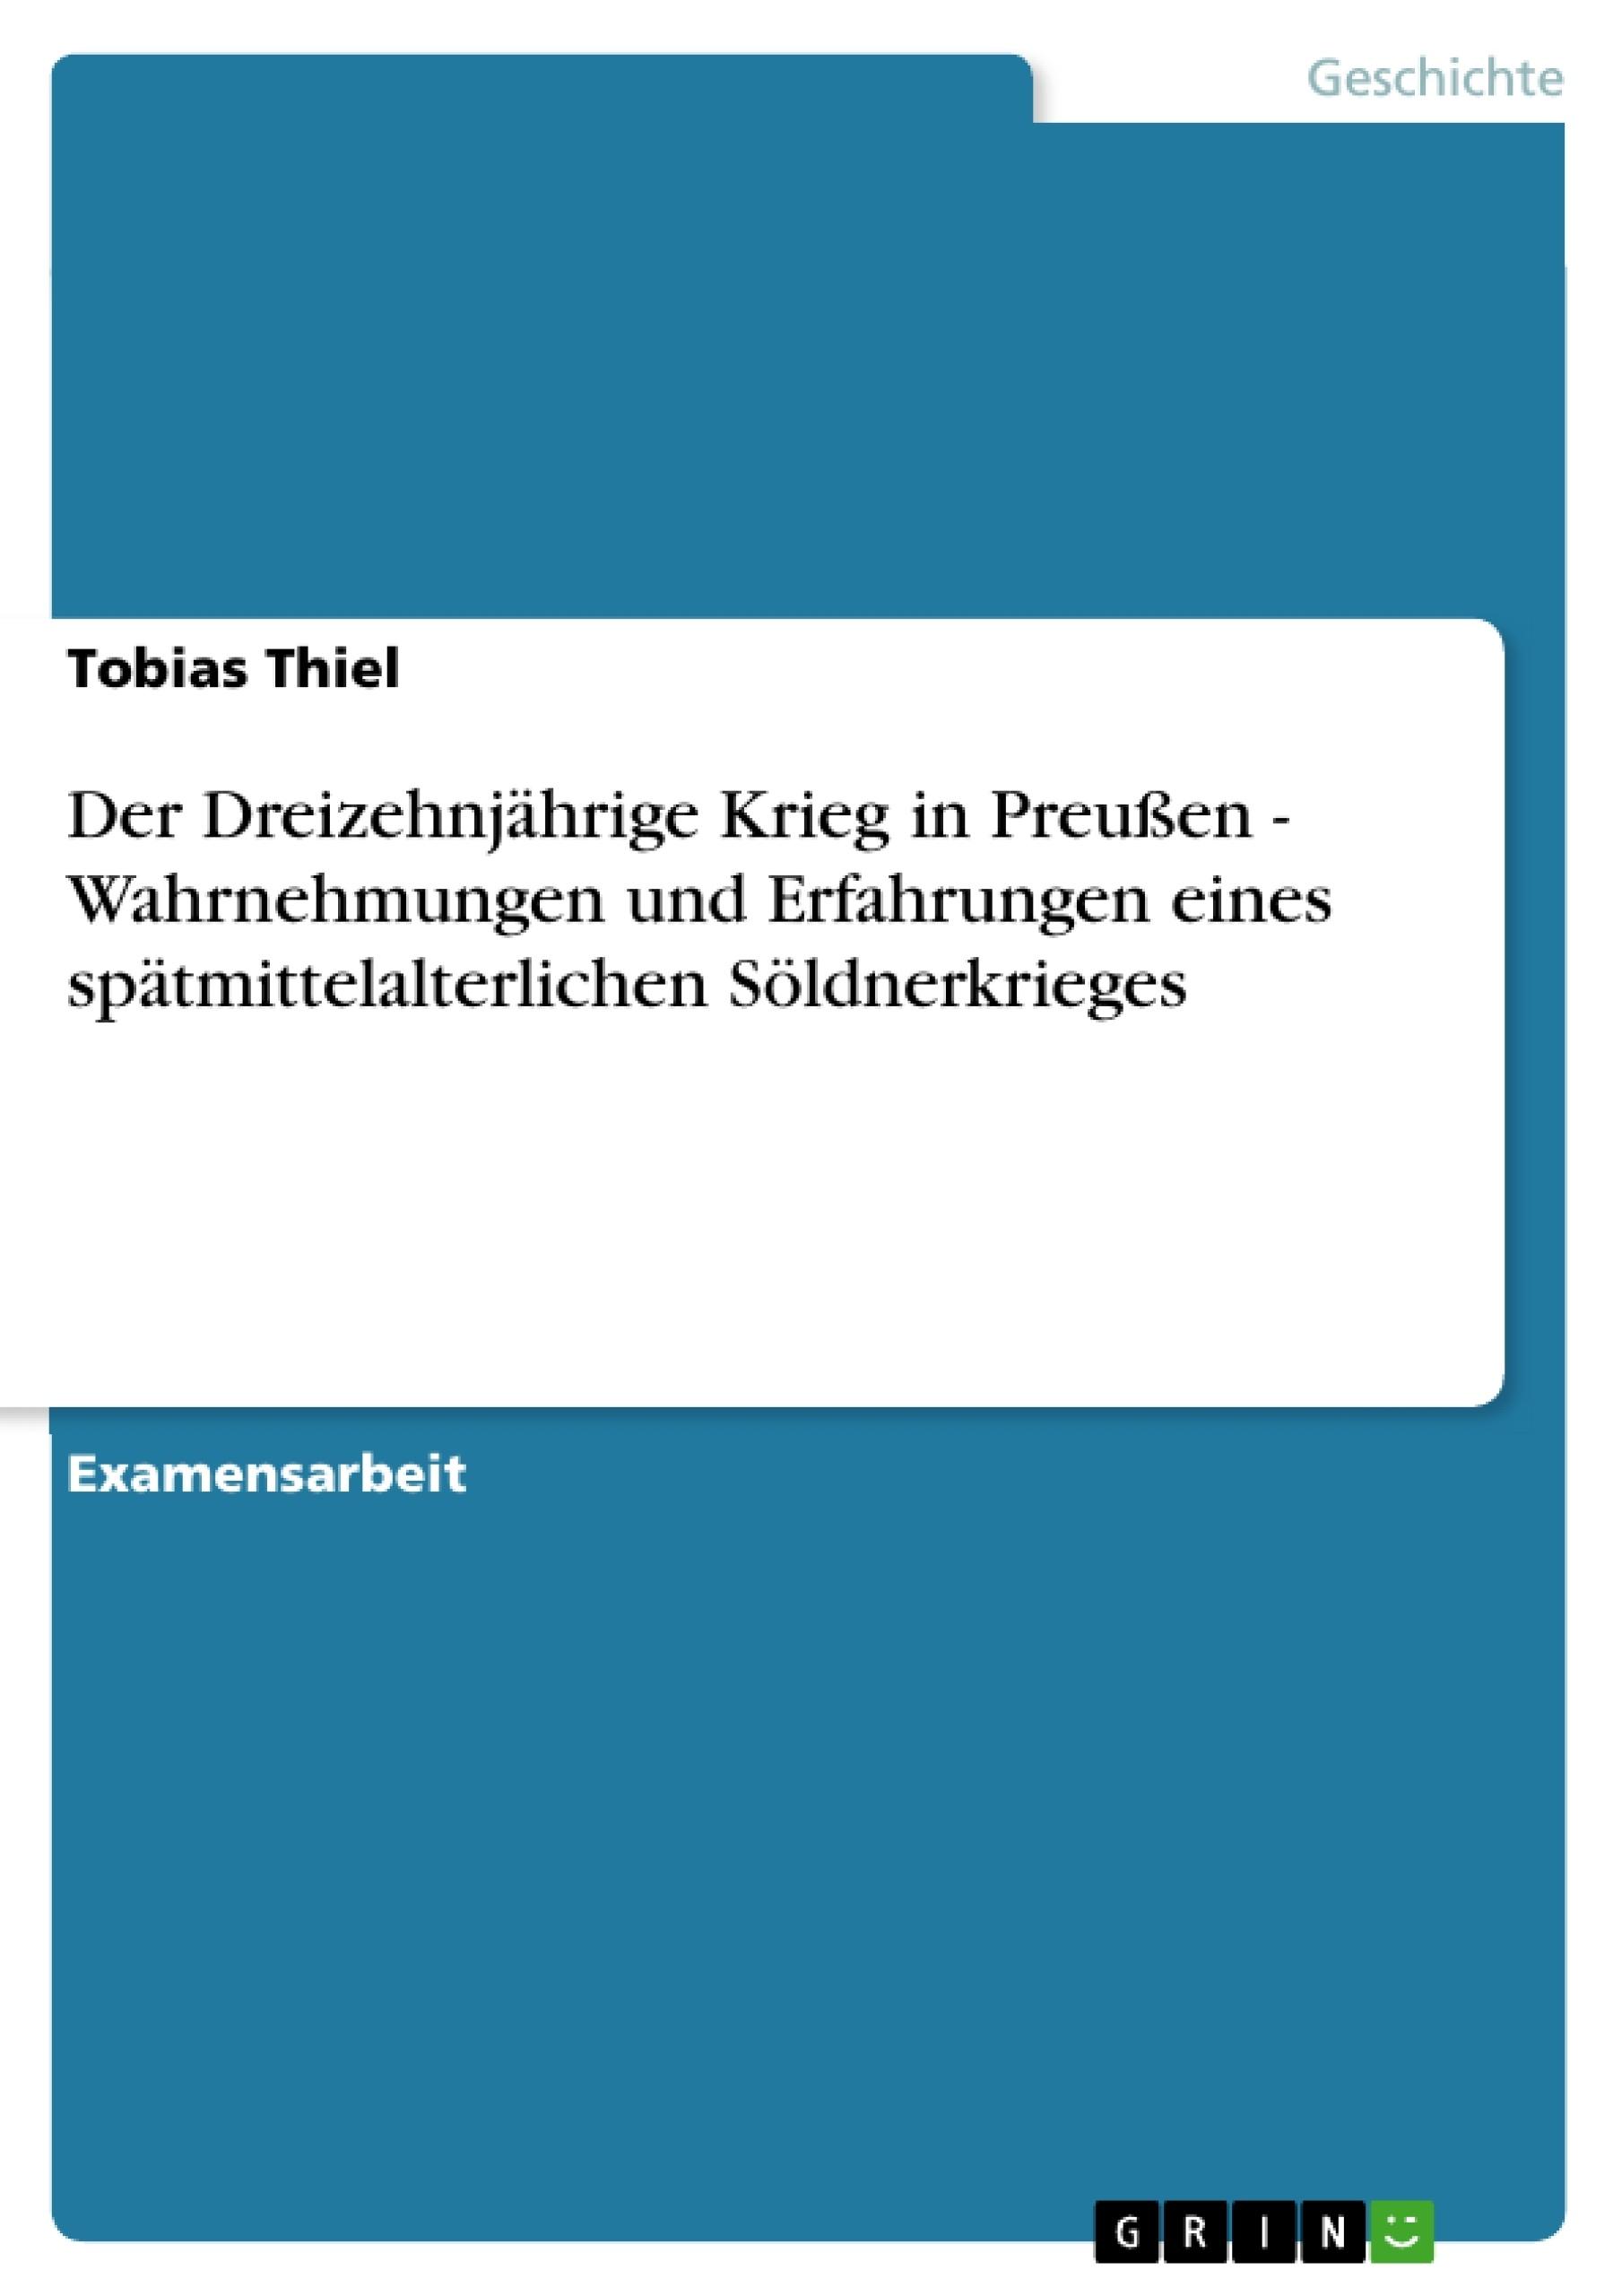 Titel: Der Dreizehnjährige Krieg in Preußen - Wahrnehmungen und Erfahrungen eines spätmittelalterlichen Söldnerkrieges